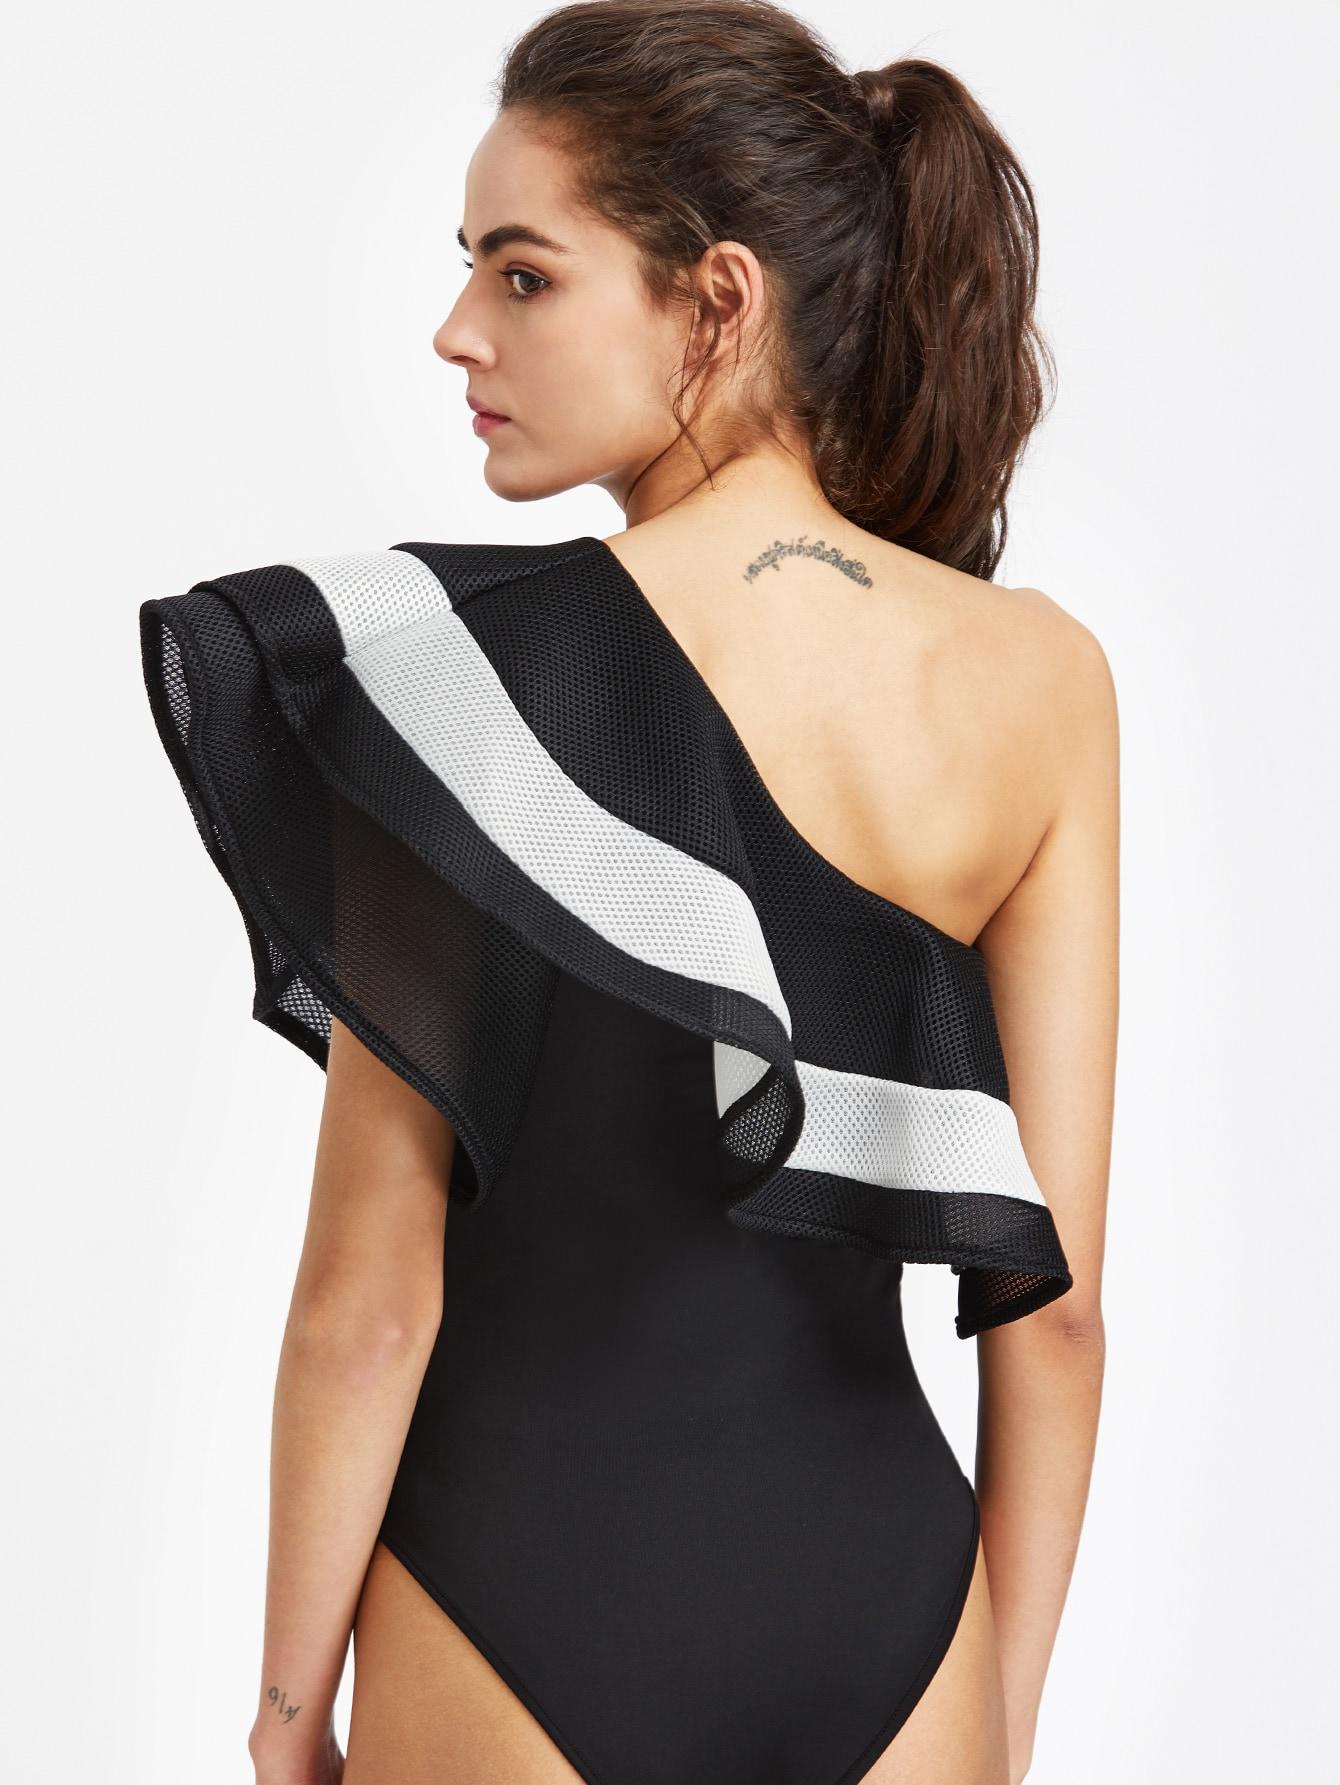 bodysuit170502101_2